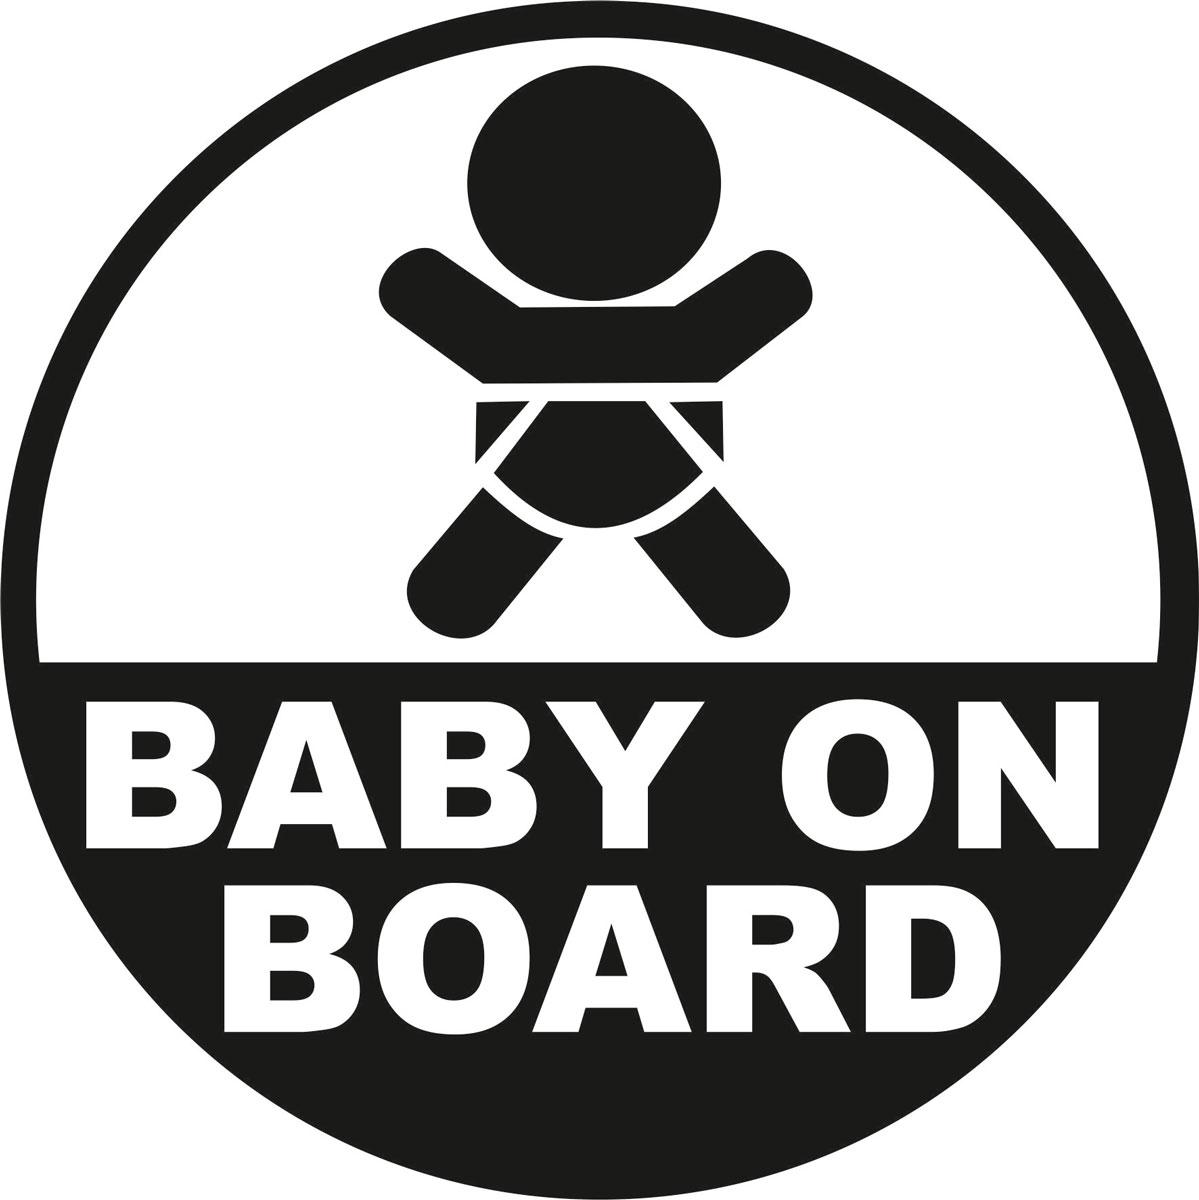 Наклейка автомобильная Оранжевый слоник Baby on Board. Круг, виниловая, цвет: черныйVCA-00Оригинальная наклейка Оранжевый слоник Baby on Board. Круг изготовлена из долговечного винила, который выполняет не только декоративную функцию, но и защищает кузов от небольших механических повреждений, либо скрывает уже существующие.Виниловые наклейки на авто - это не только красиво, но еще и быстро! Всего за несколько минут вы можете полностью преобразить свой автомобиль, сделать его ярким, необычным, особенным и неповторимым!